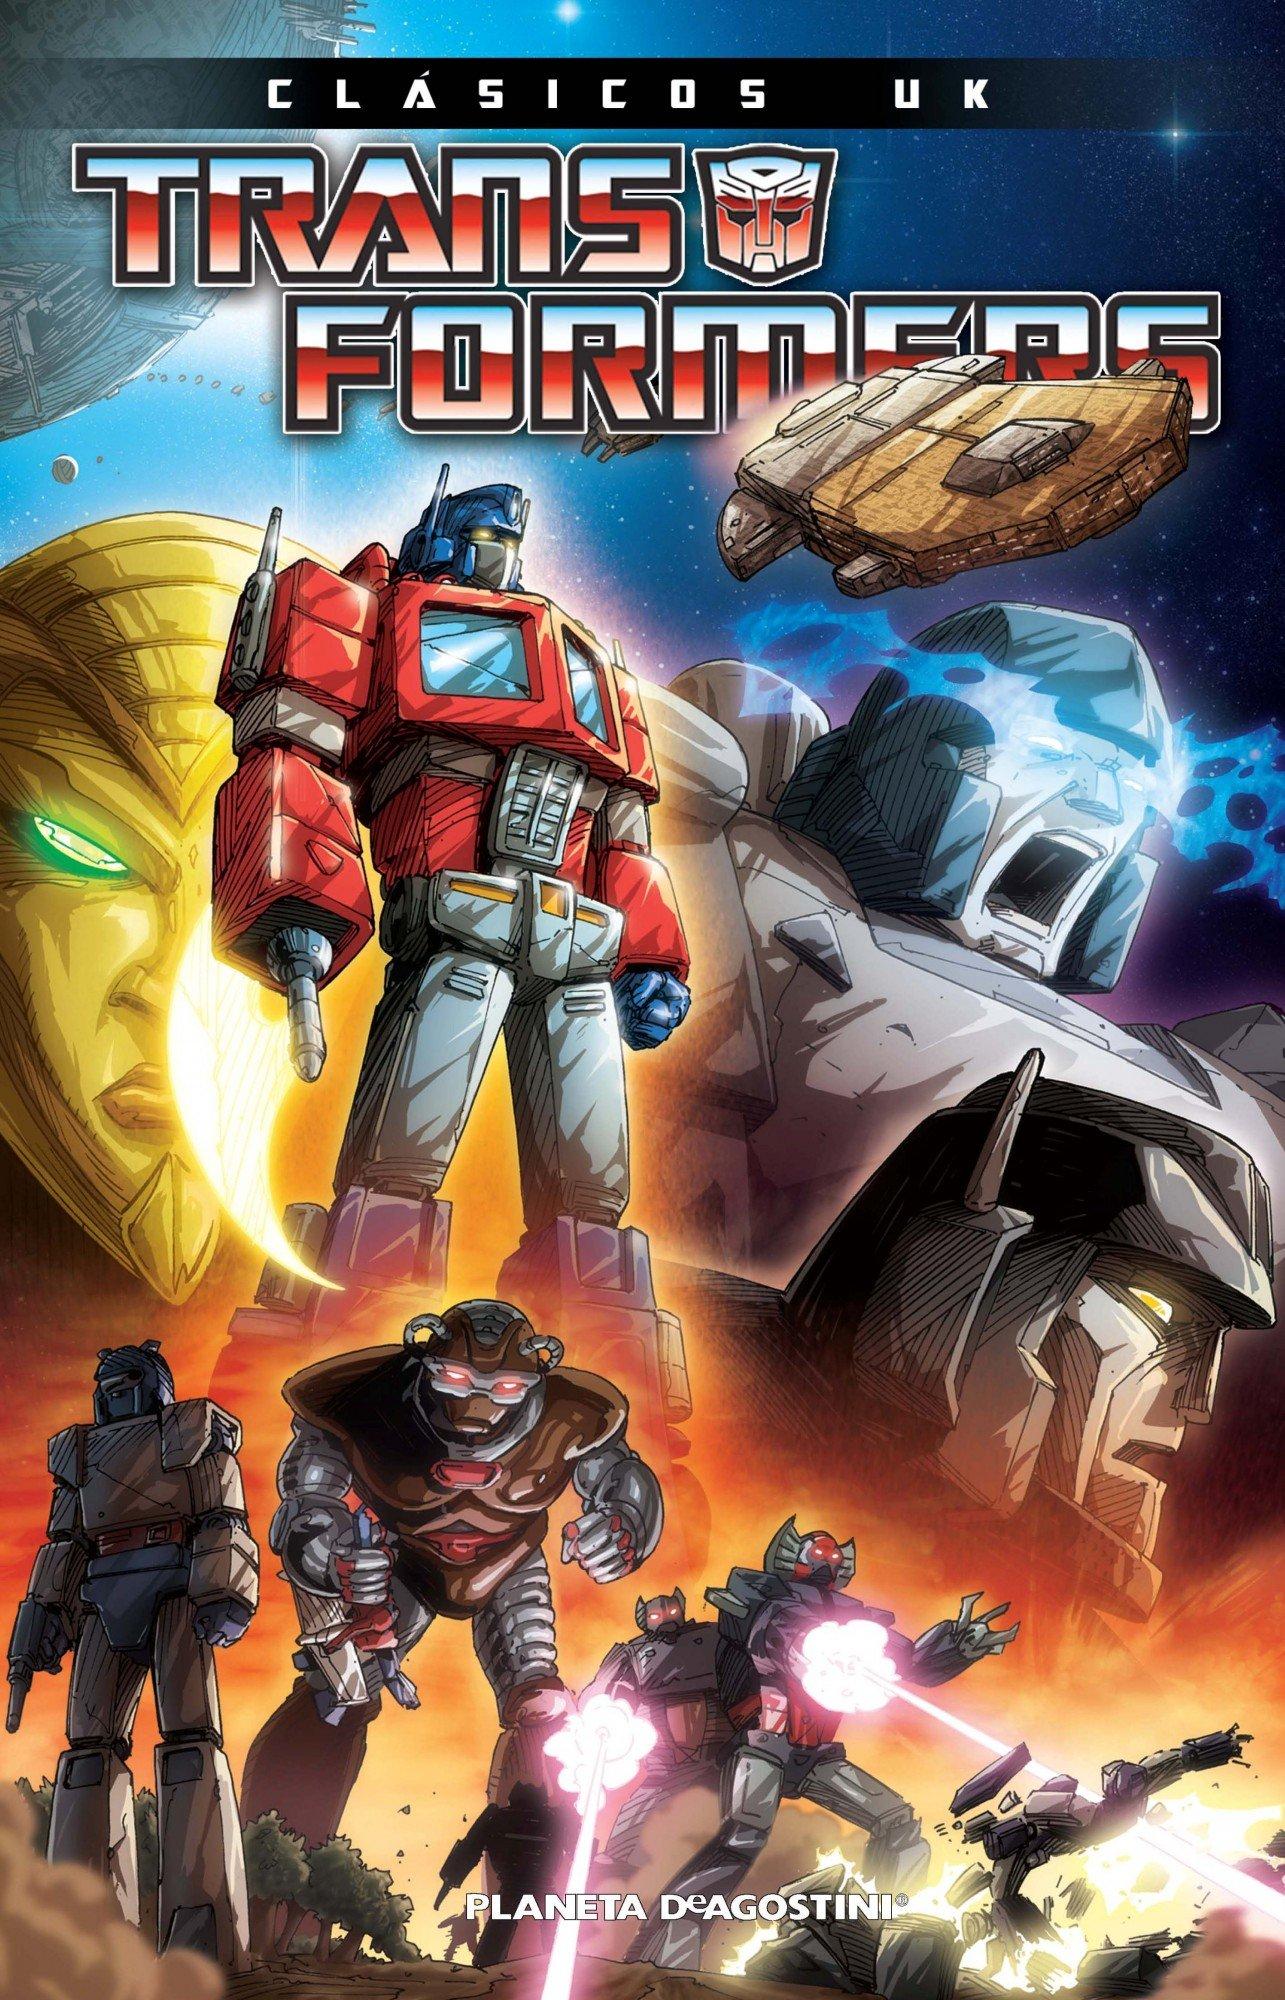 Transformers Marvel UK nº 01/08: Clásicos UK Independientes USA: Amazon.es: AA. VV., Bentz, Ignacio: Libros